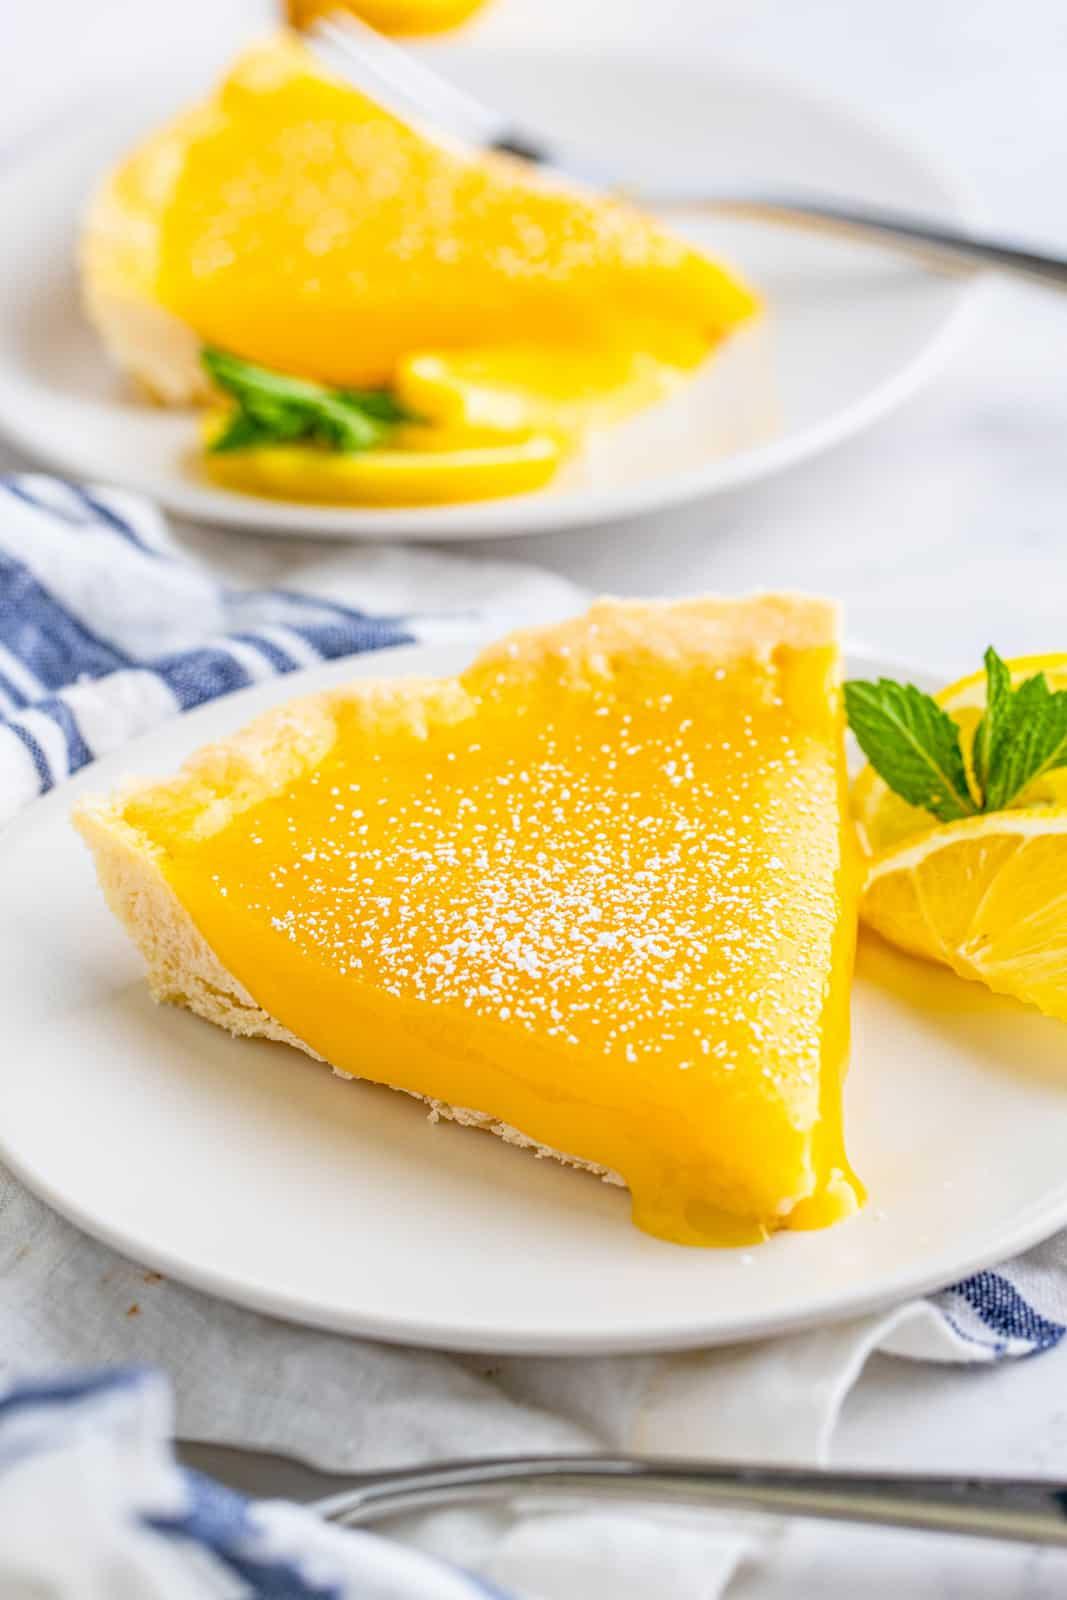 Slice of Lemon Tart on white plate with lemons and mint